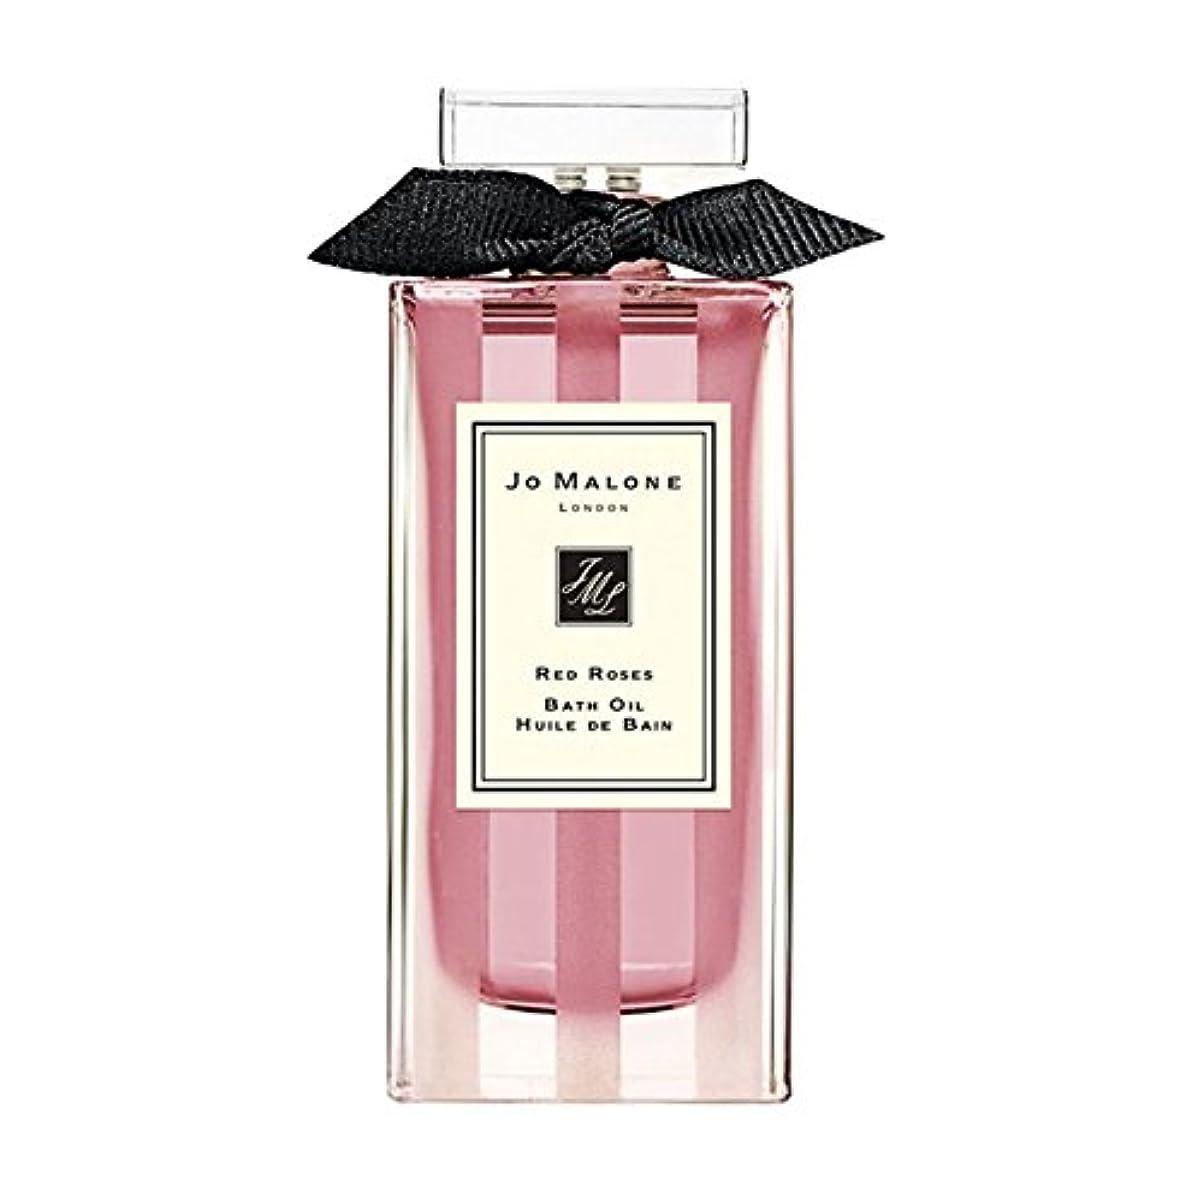 リー不正同一のJo Maloneジョーマローン, バスオイル - 赤いバラ (30ml)  'Red Roses' Bath Oil (1oz) [海外直送品] [並行輸入品]